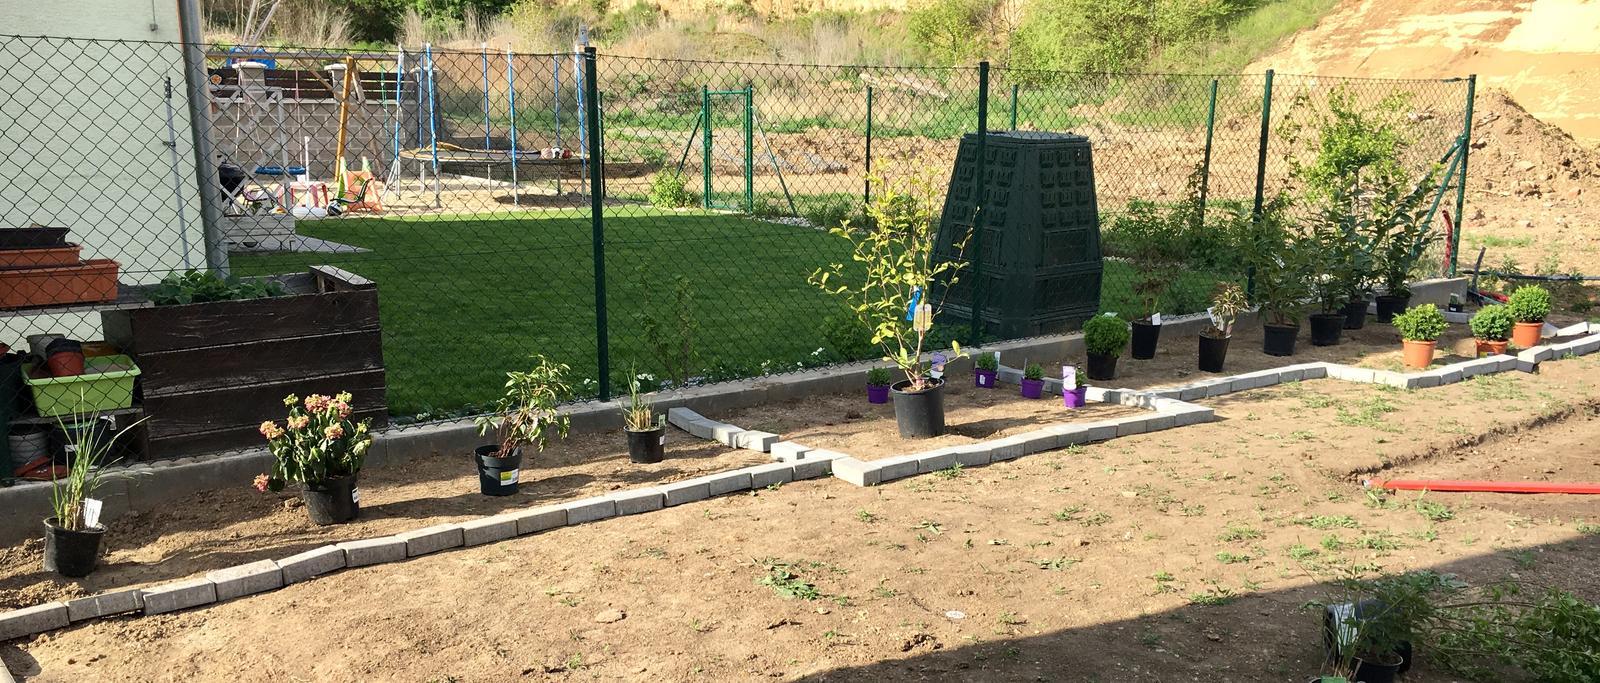 Exteriér domu snů - Tráva, hortenzie, pivonka, tráva ... magnolie, levandule, picea a dvě pivonky, bovkovisne a buxusy